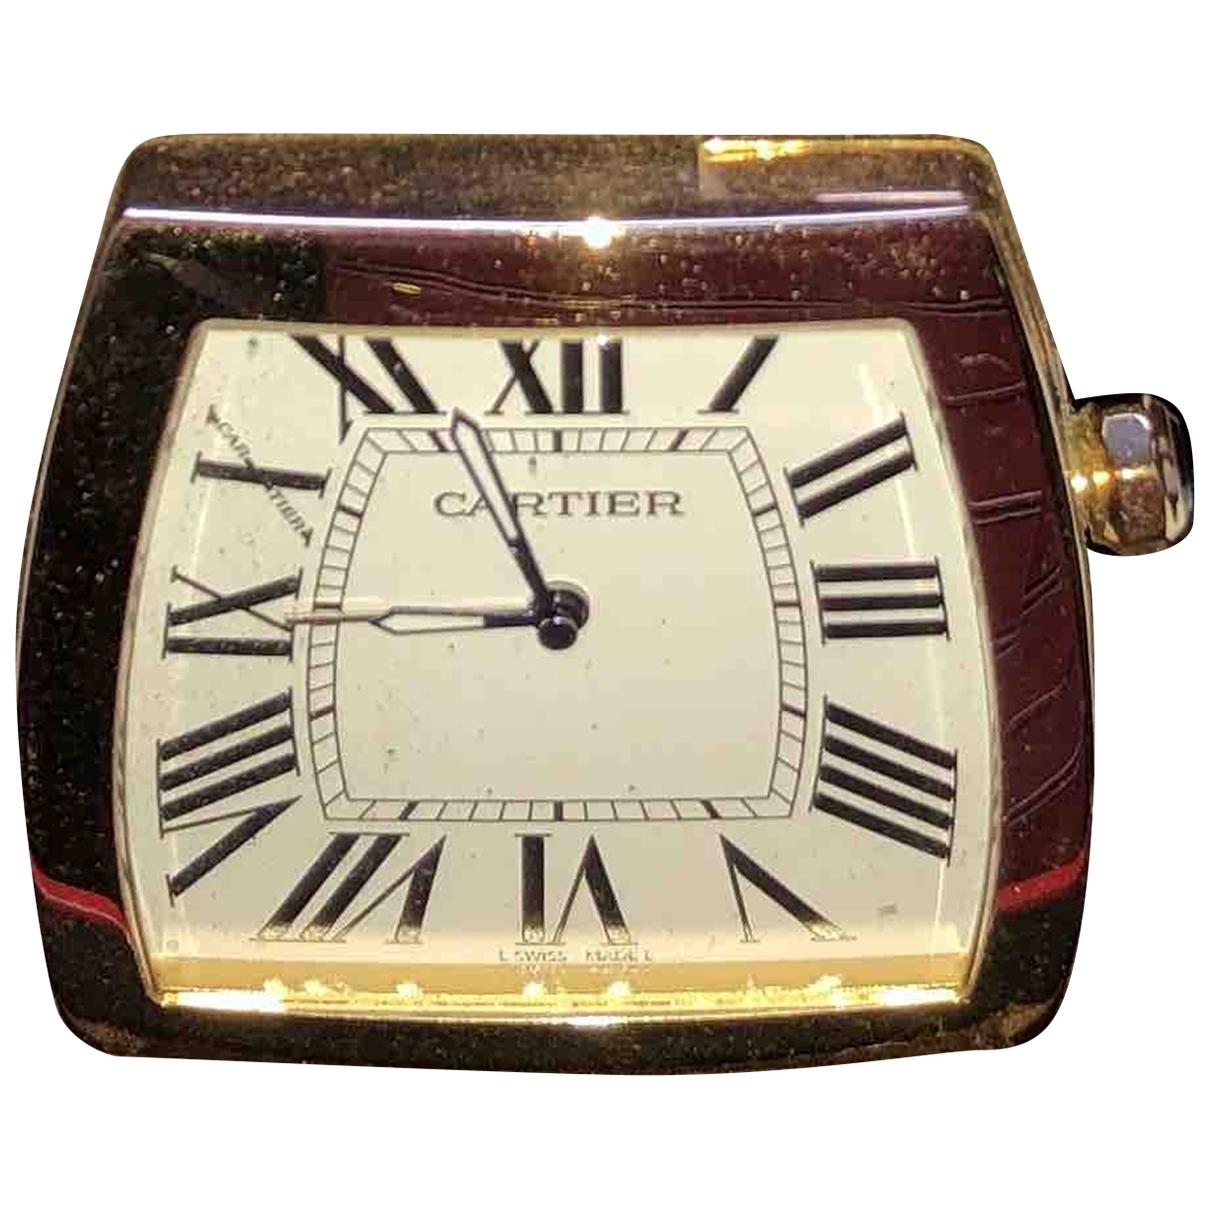 Cartier - Objets & Deco Dona pour lifestyle en plaque or - marron